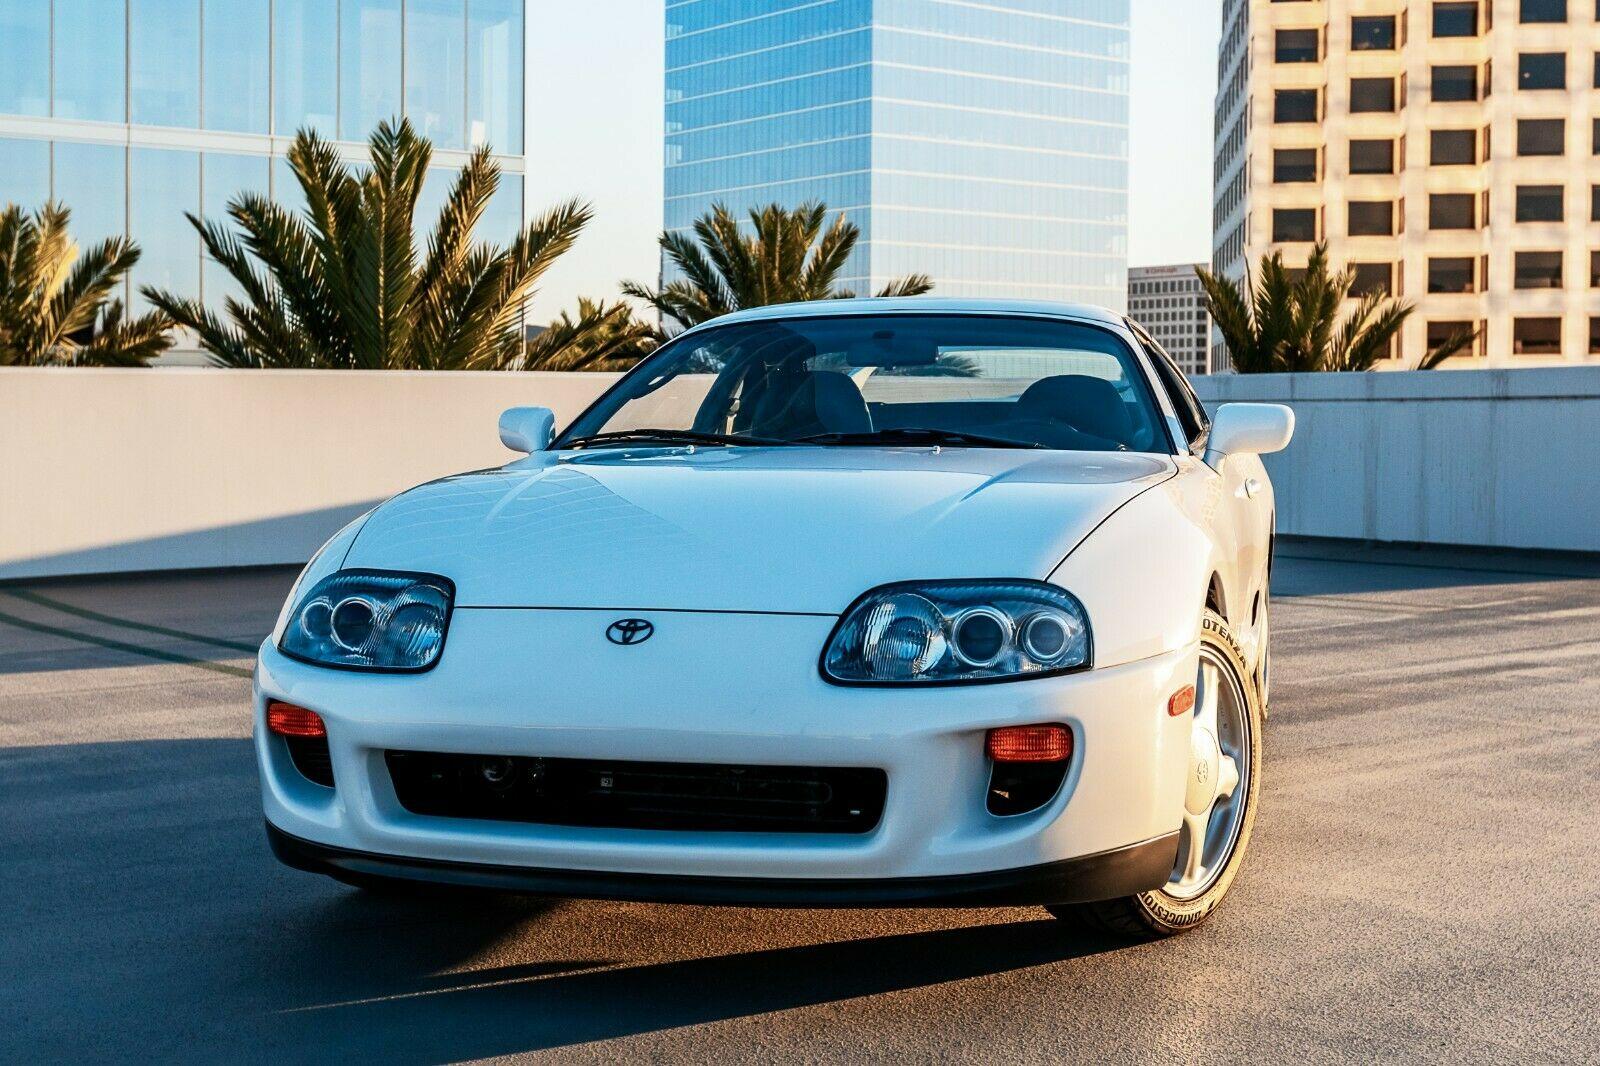 White-Toyota-Supra-1994-for-sale-8